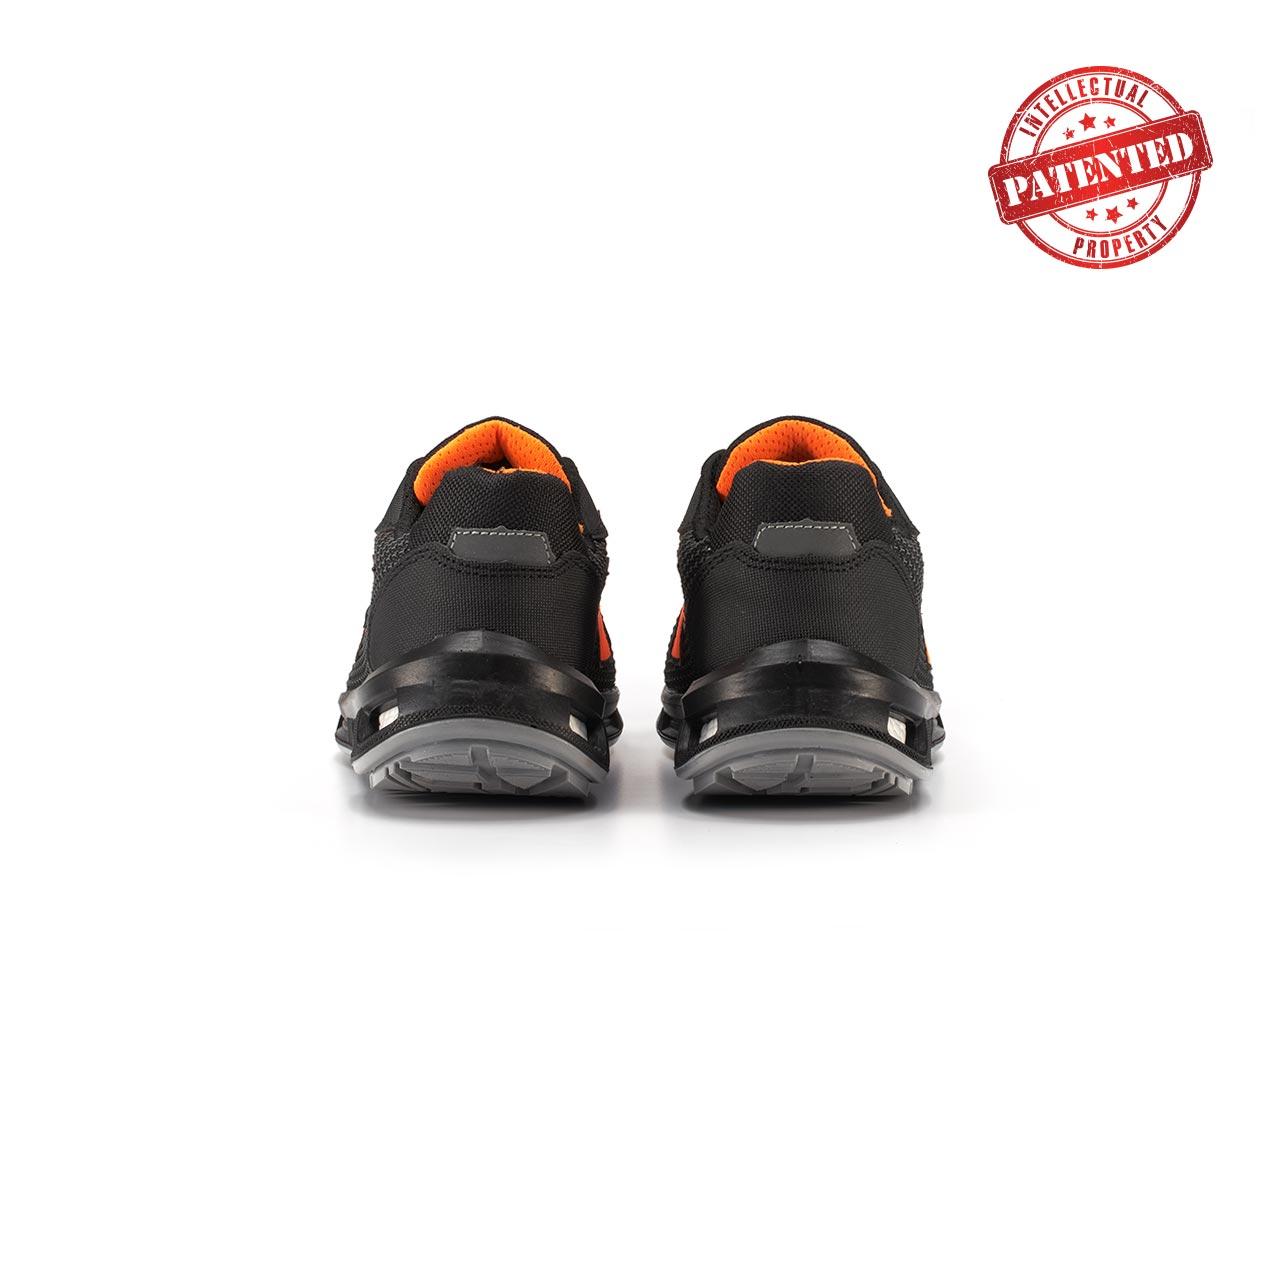 paio di scarpe antinfortunistiche upower modello kindle linea redlion vista retro